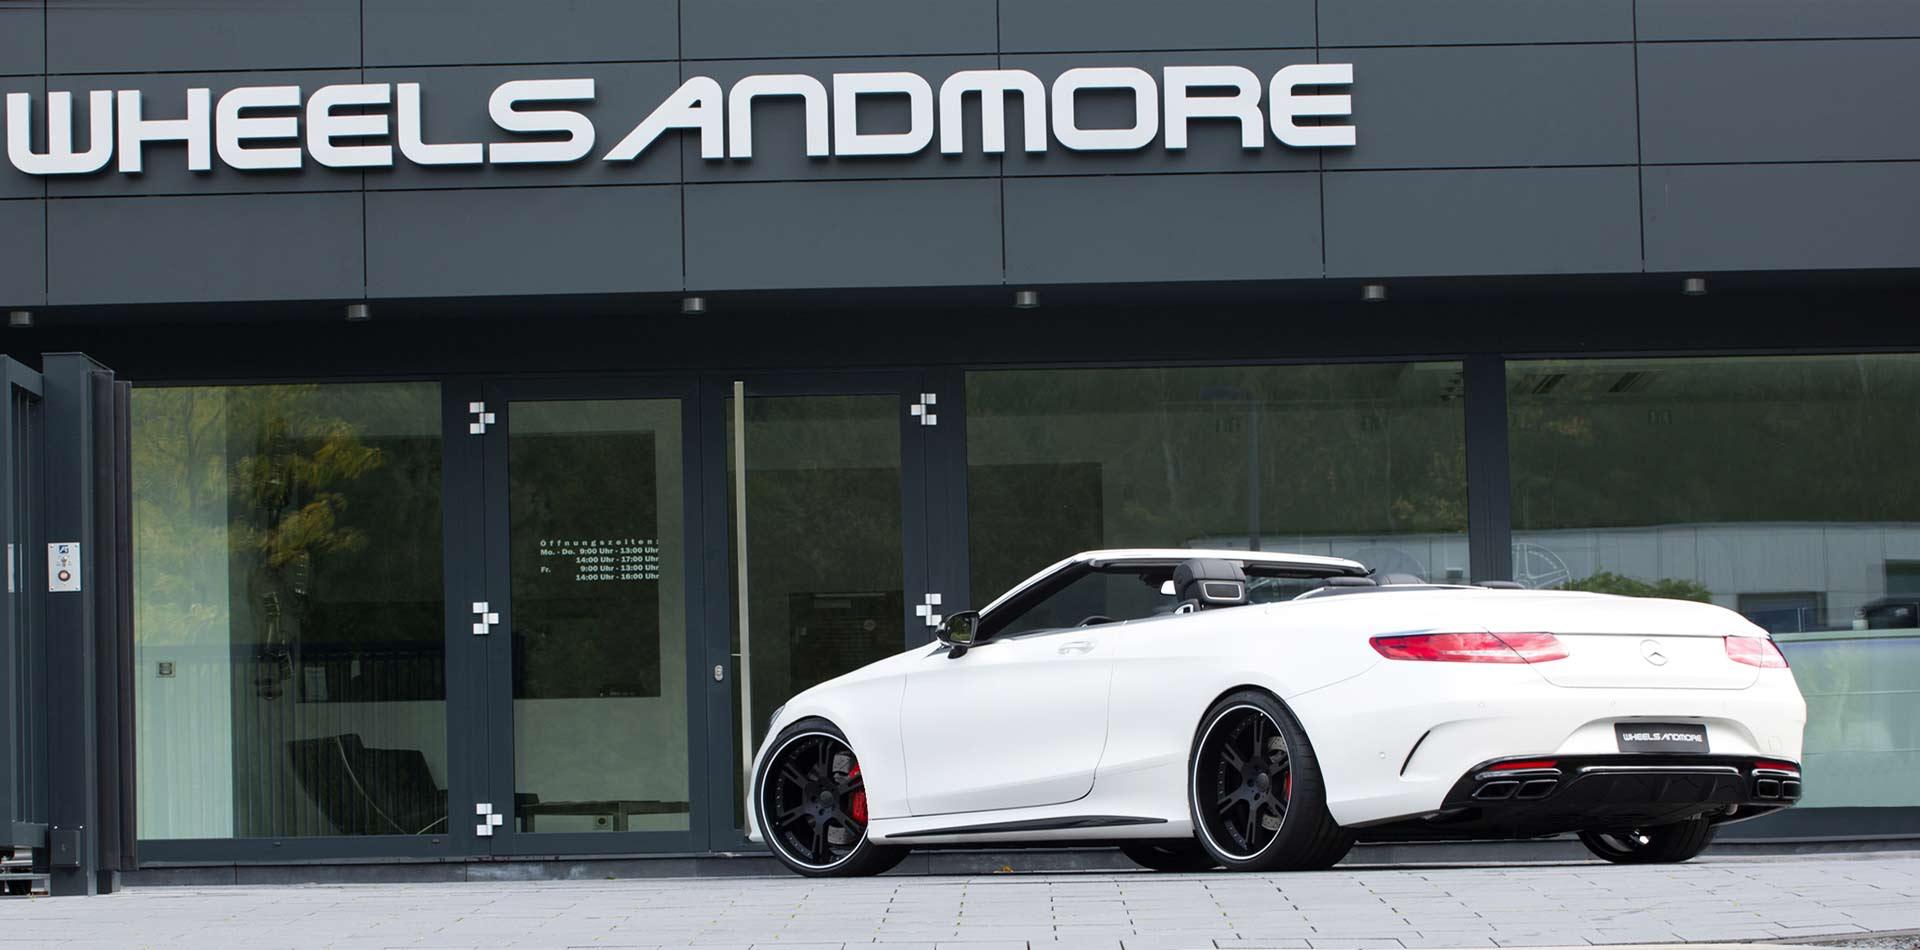 S63 AMG Felgen, Auspuffanlage, Leistungssteigerung